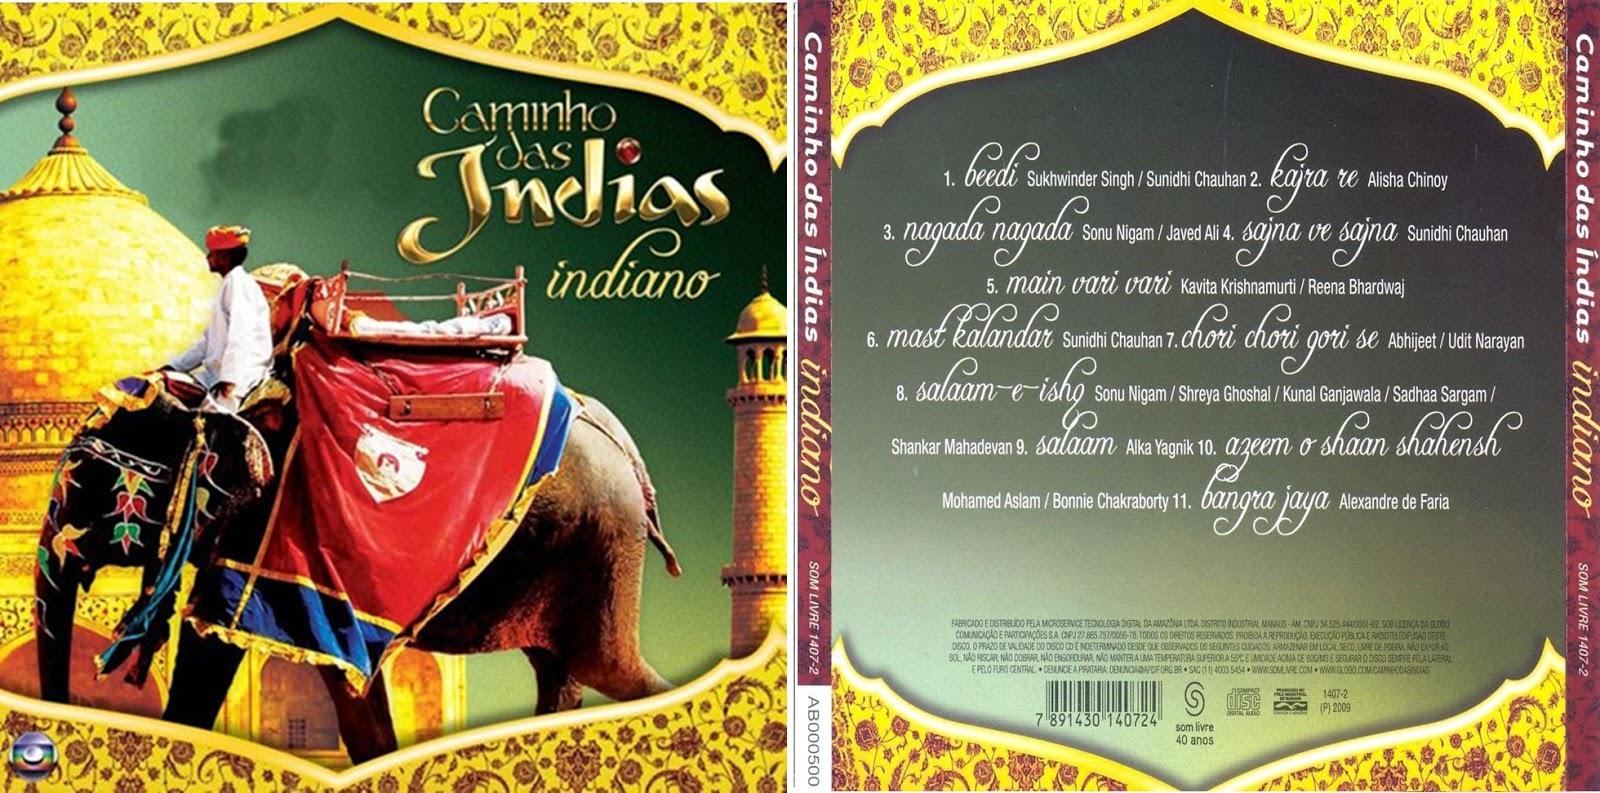 cd indiano da novela caminho das indias